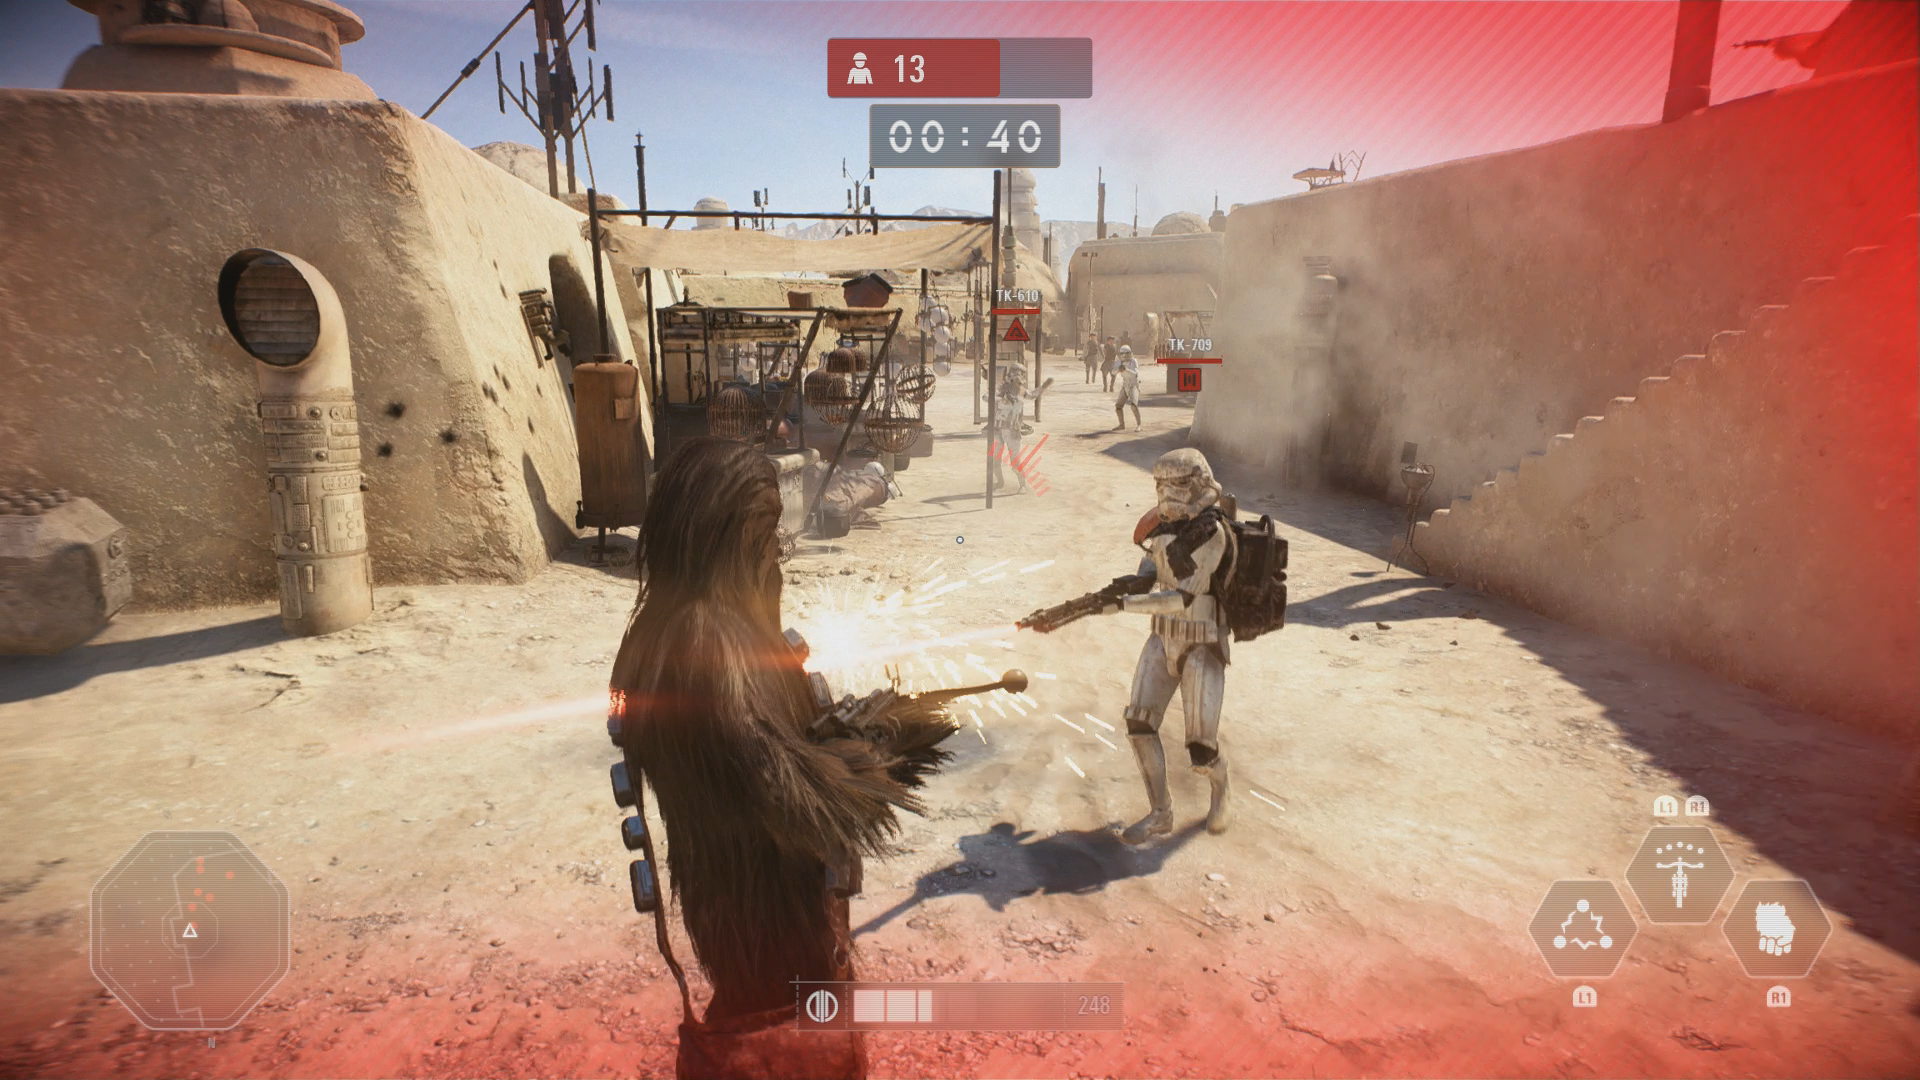 Star Wars Battlefront 2 angespielt: Sammeln ihr sollt ... - Als Wookie sind wir auf Tatooine unterwegs. (Bild: EA/Screenshot: Golem.de)